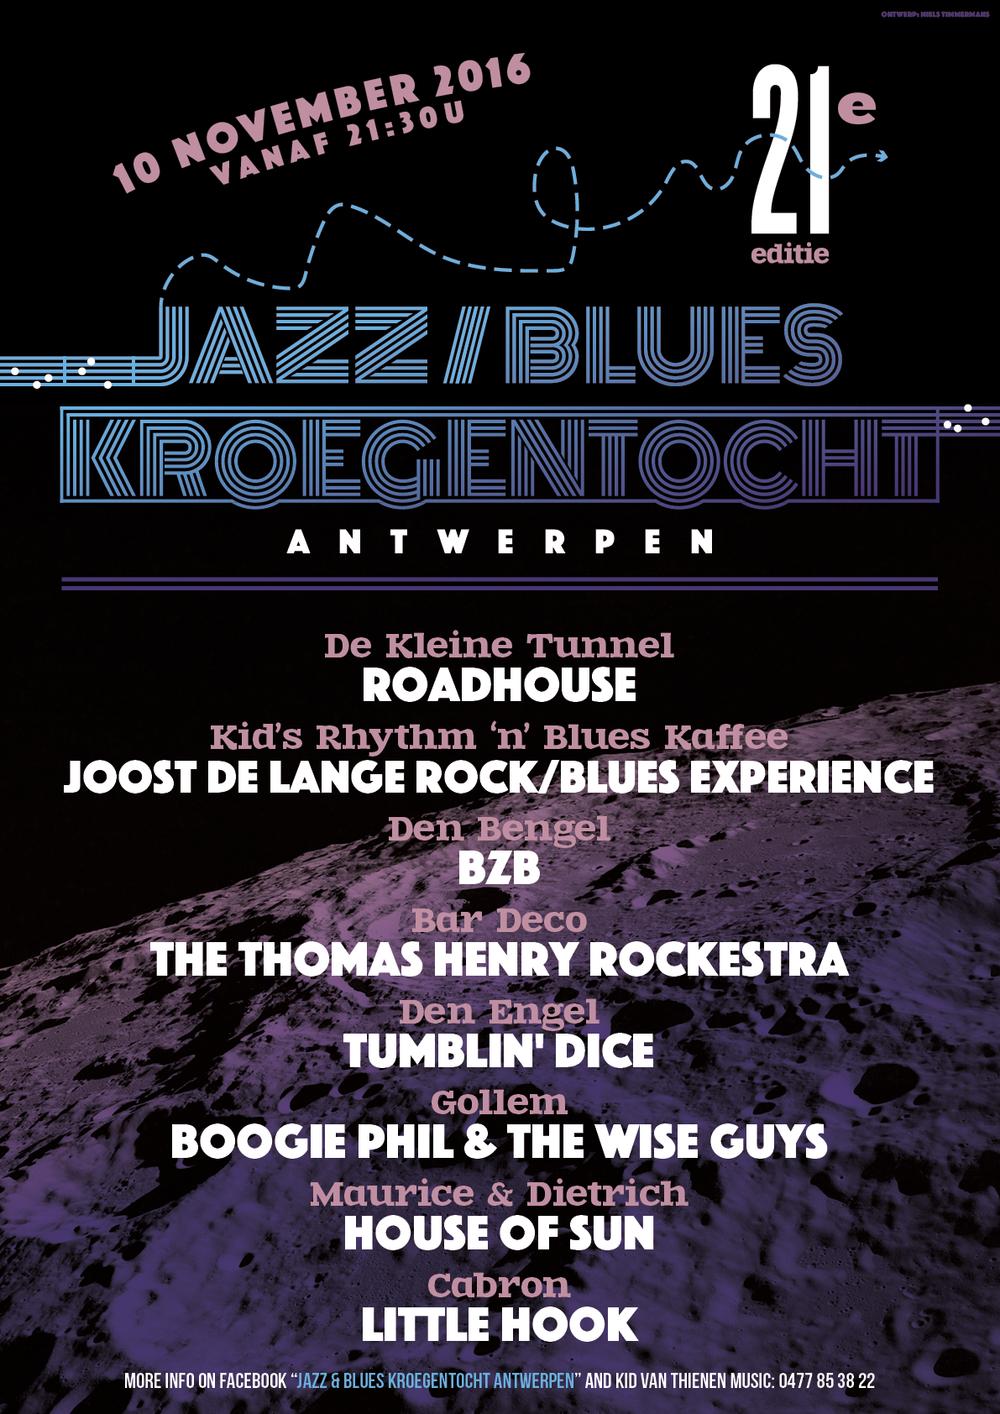 Jazz & Blues Kroegentocht 2016